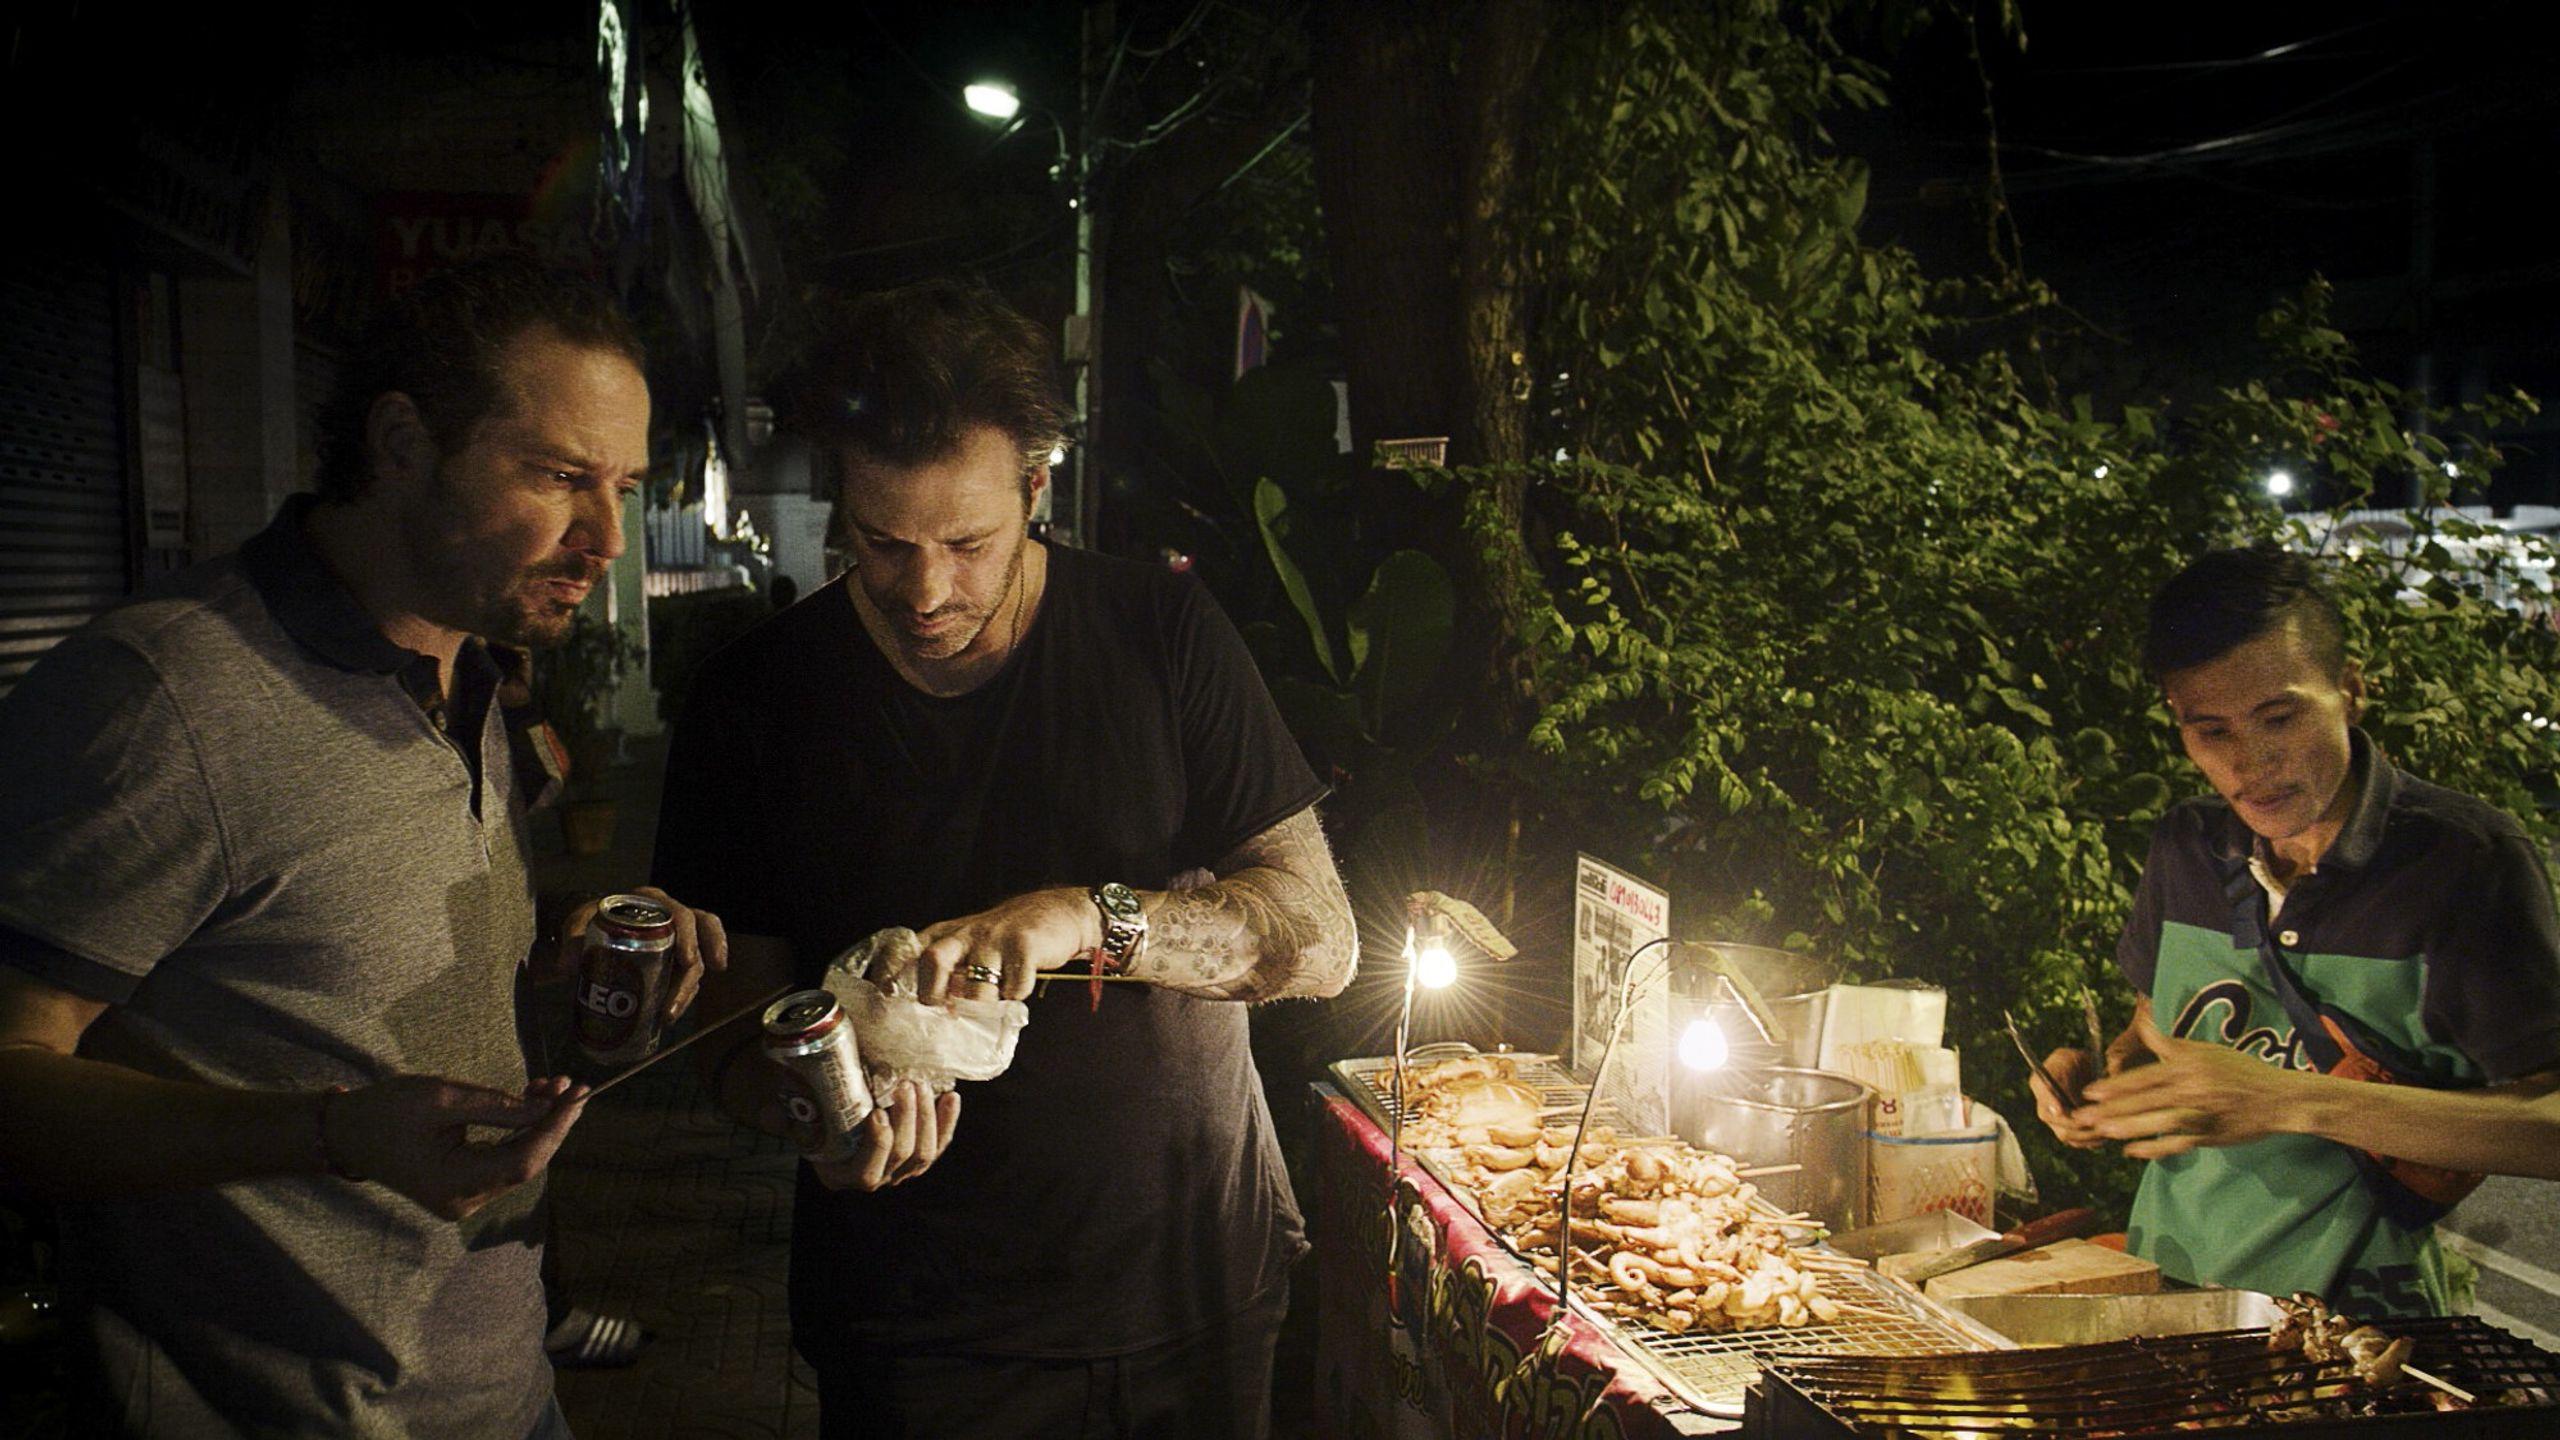 Sergio & Axel